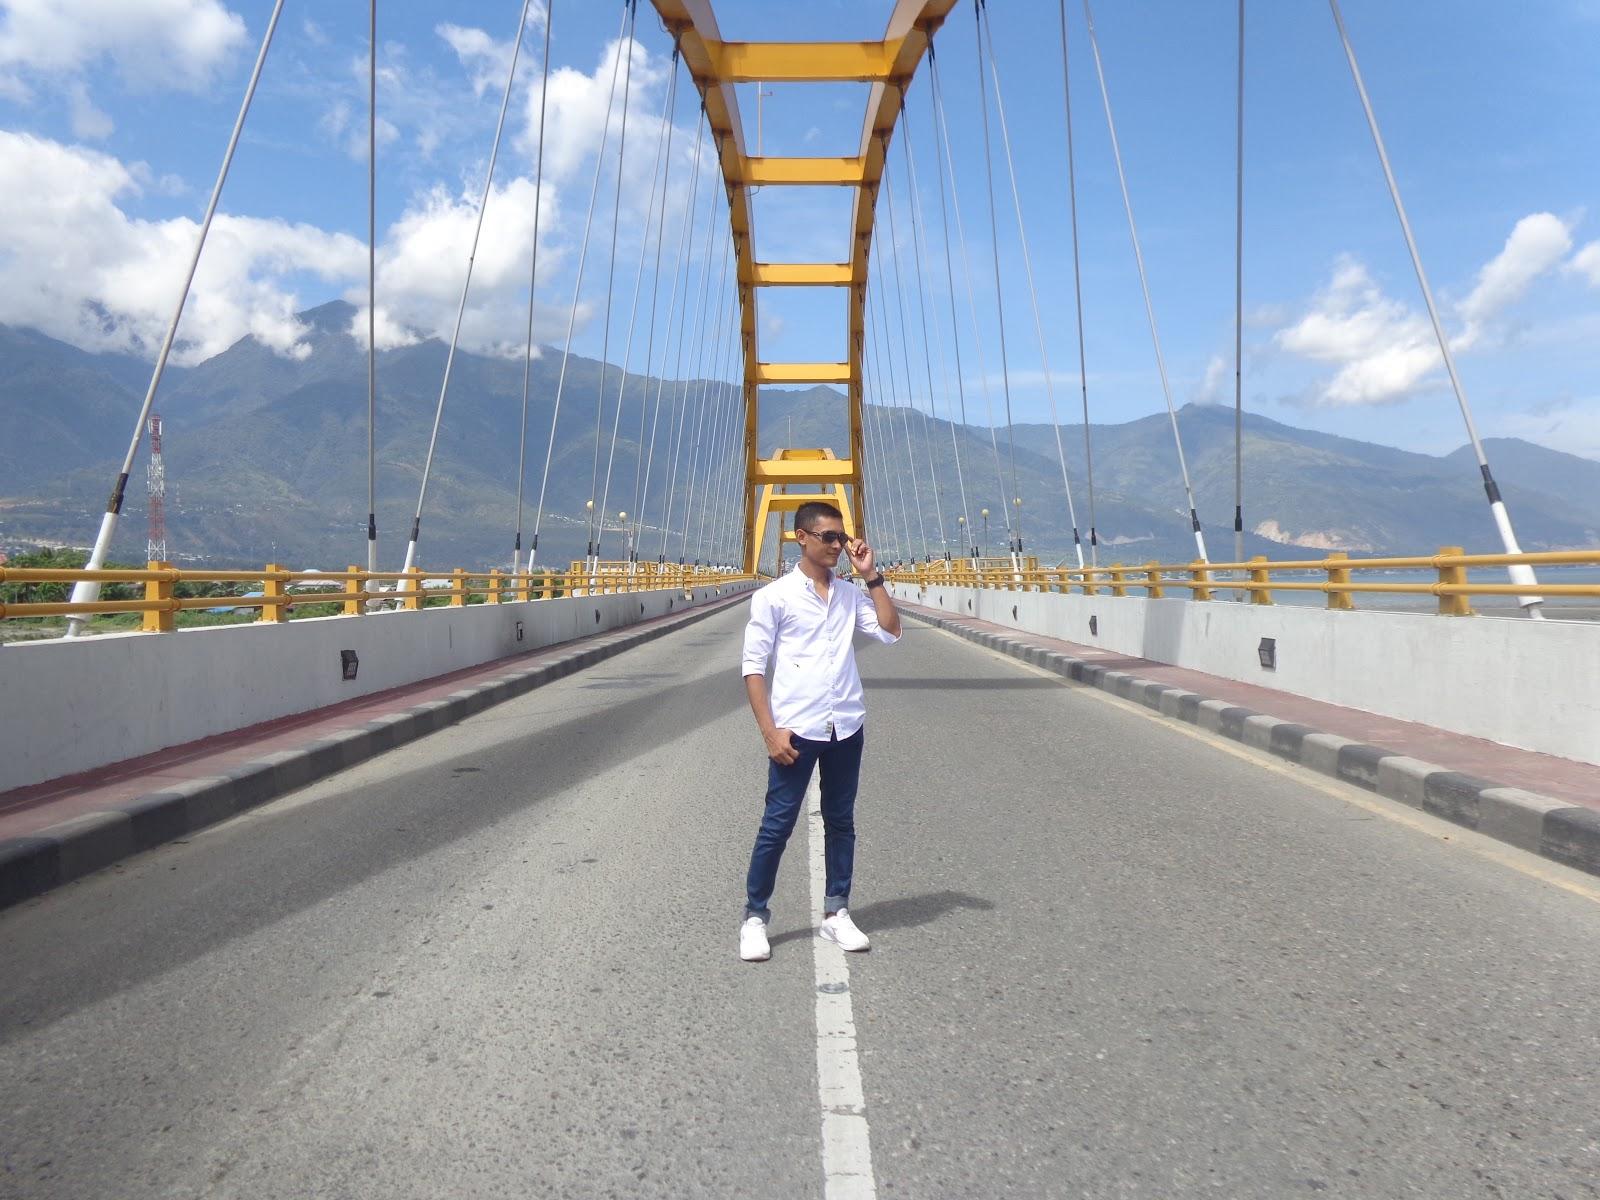 Sulawesi Tengah Palu Radi Explorer Jembatan Iv Ponulele Sebuah Terletak